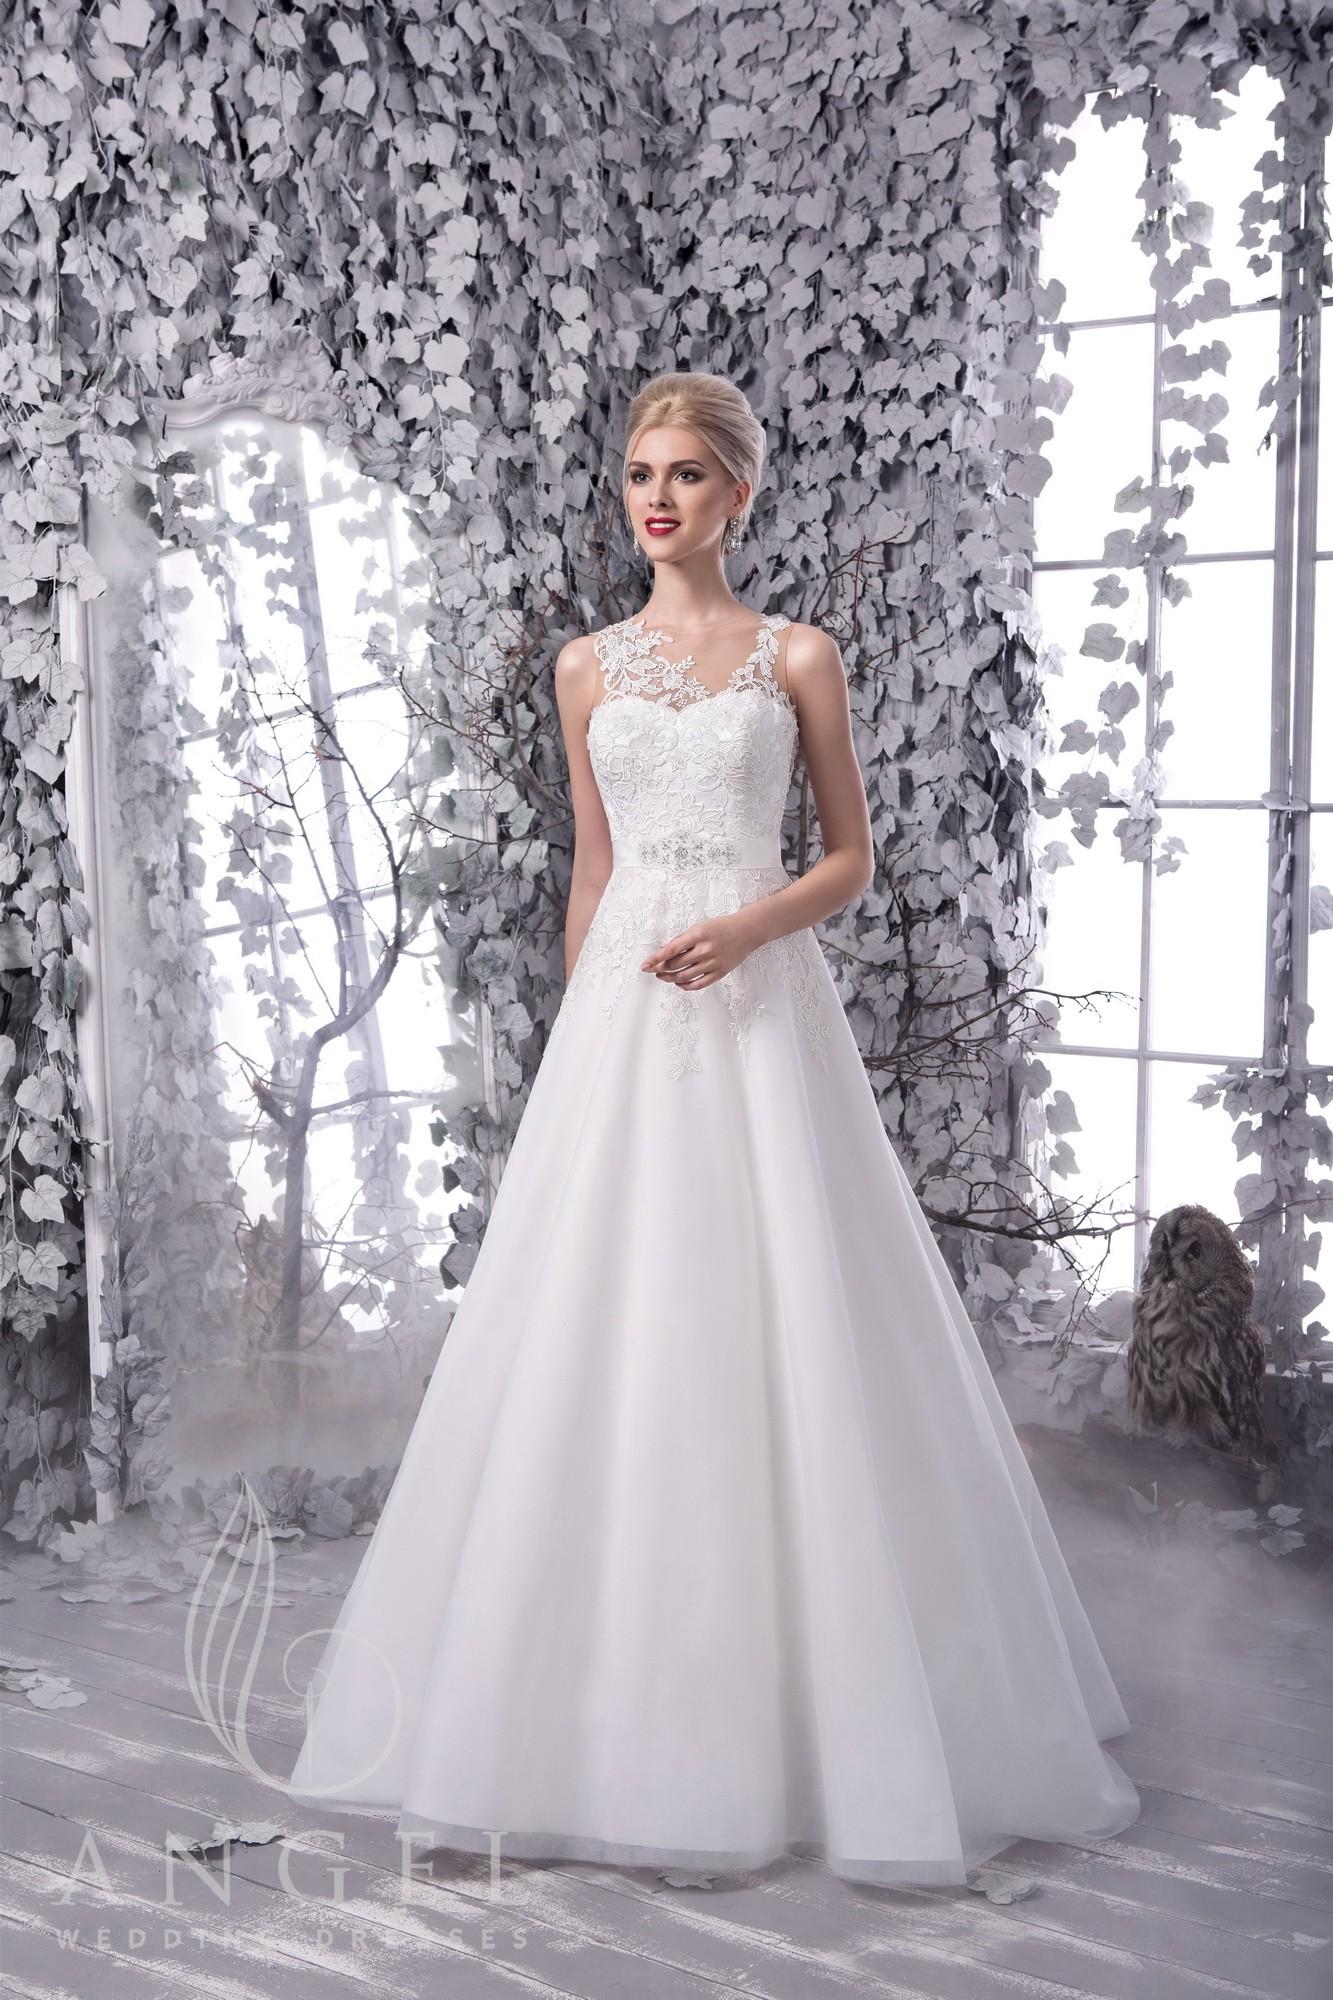 Фабрика пошиву свадебных платьев